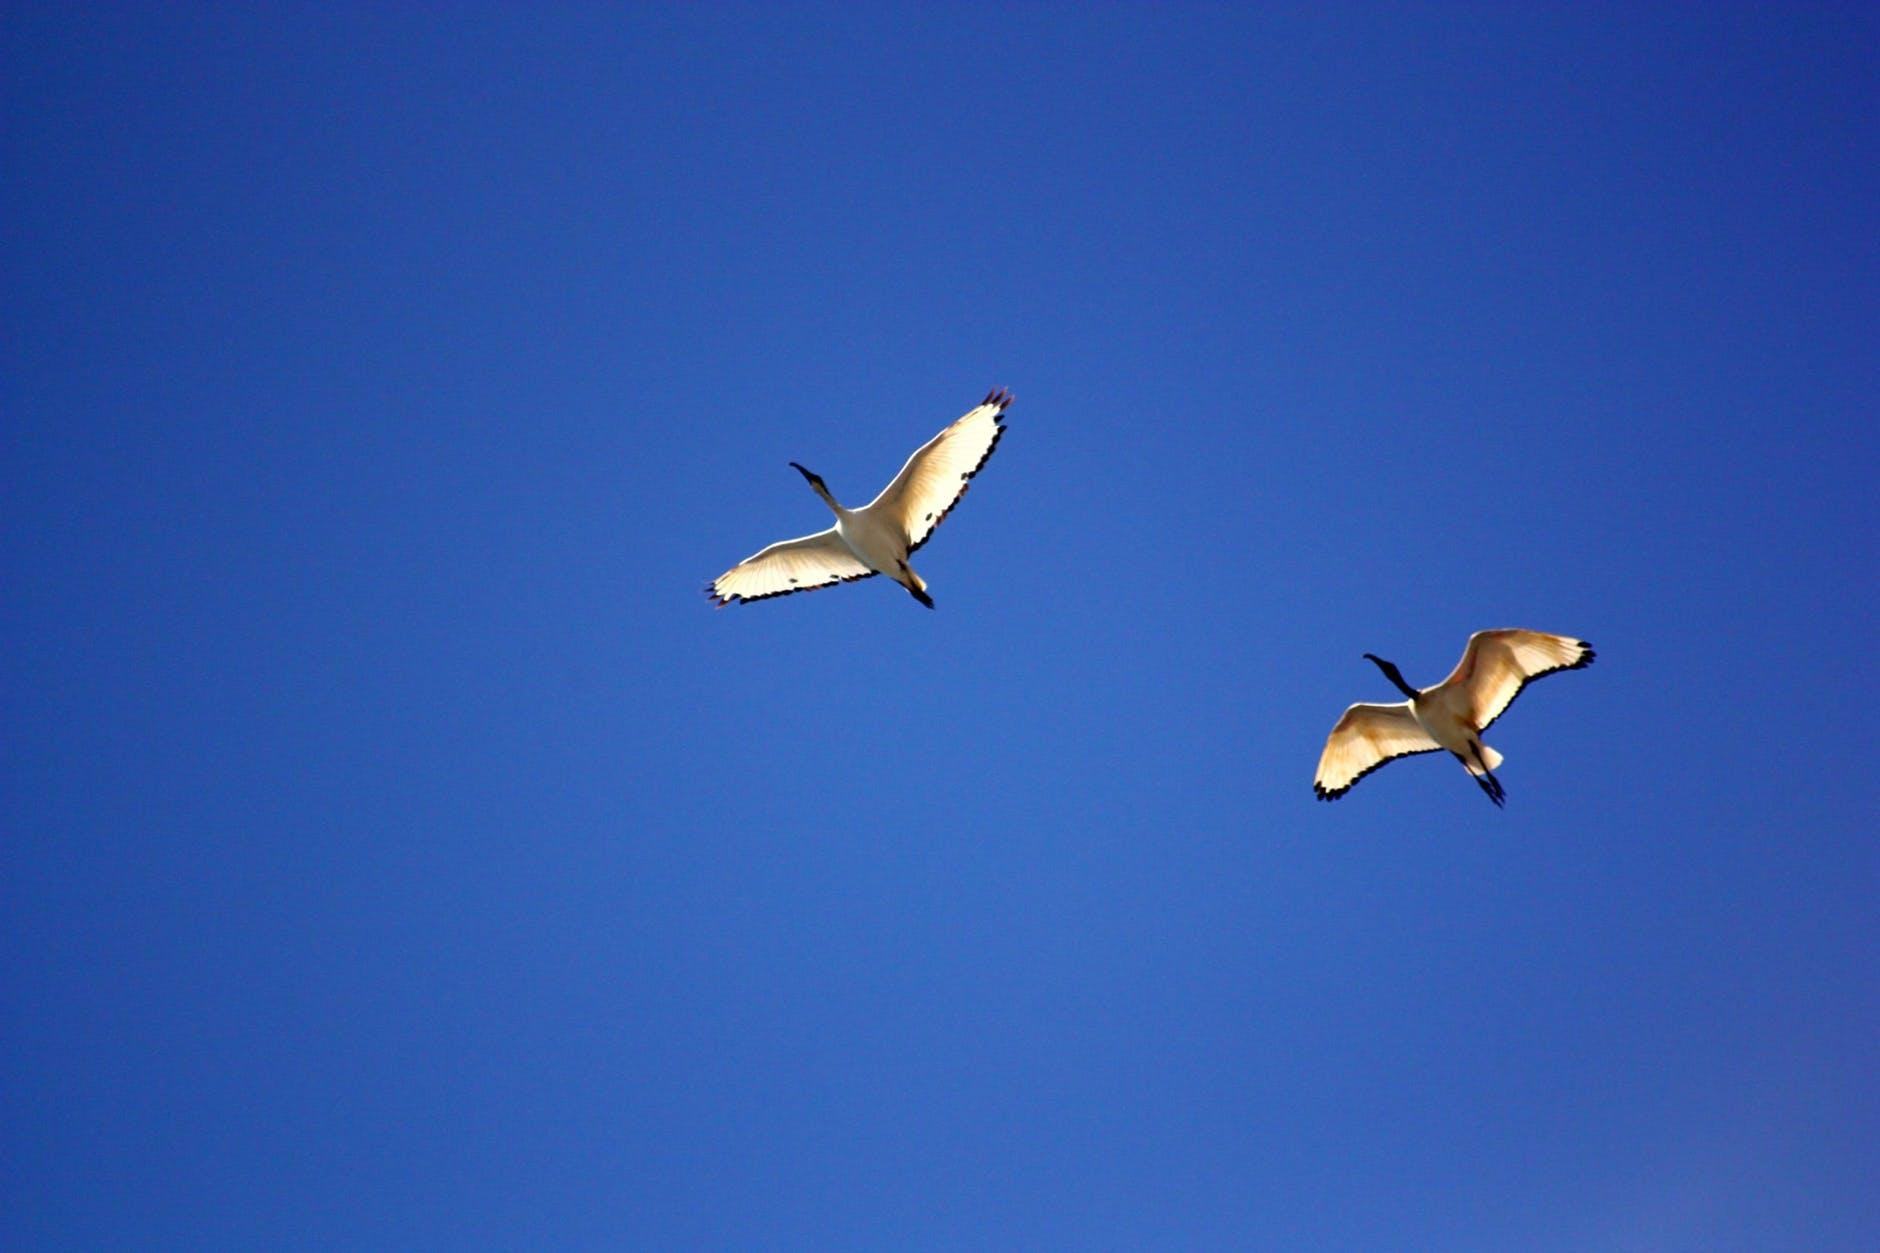 flight sky bird blue